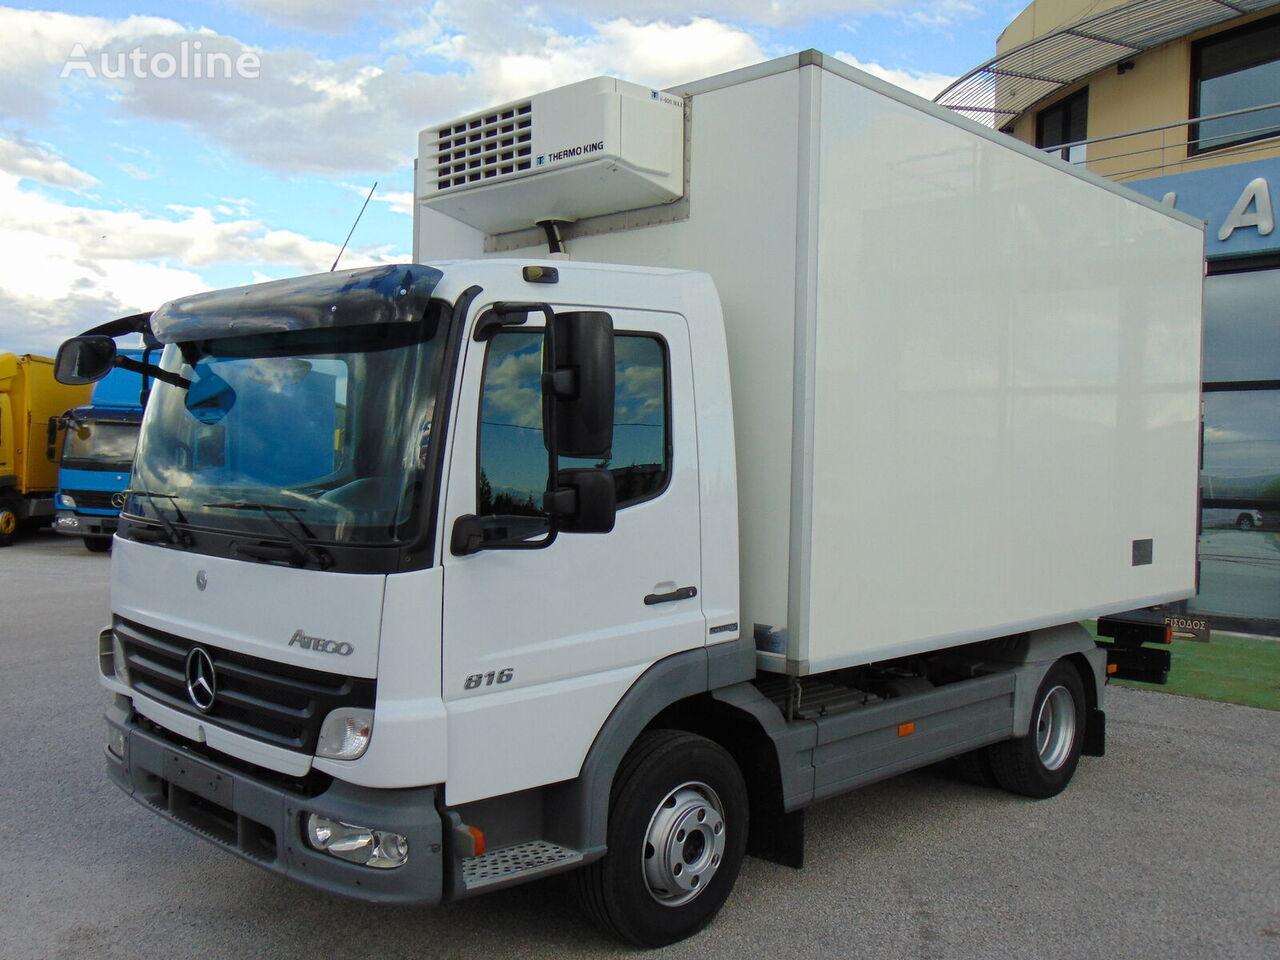 MERCEDES-BENZ 816 ATEGO /EURO 5 kamion hladnjača